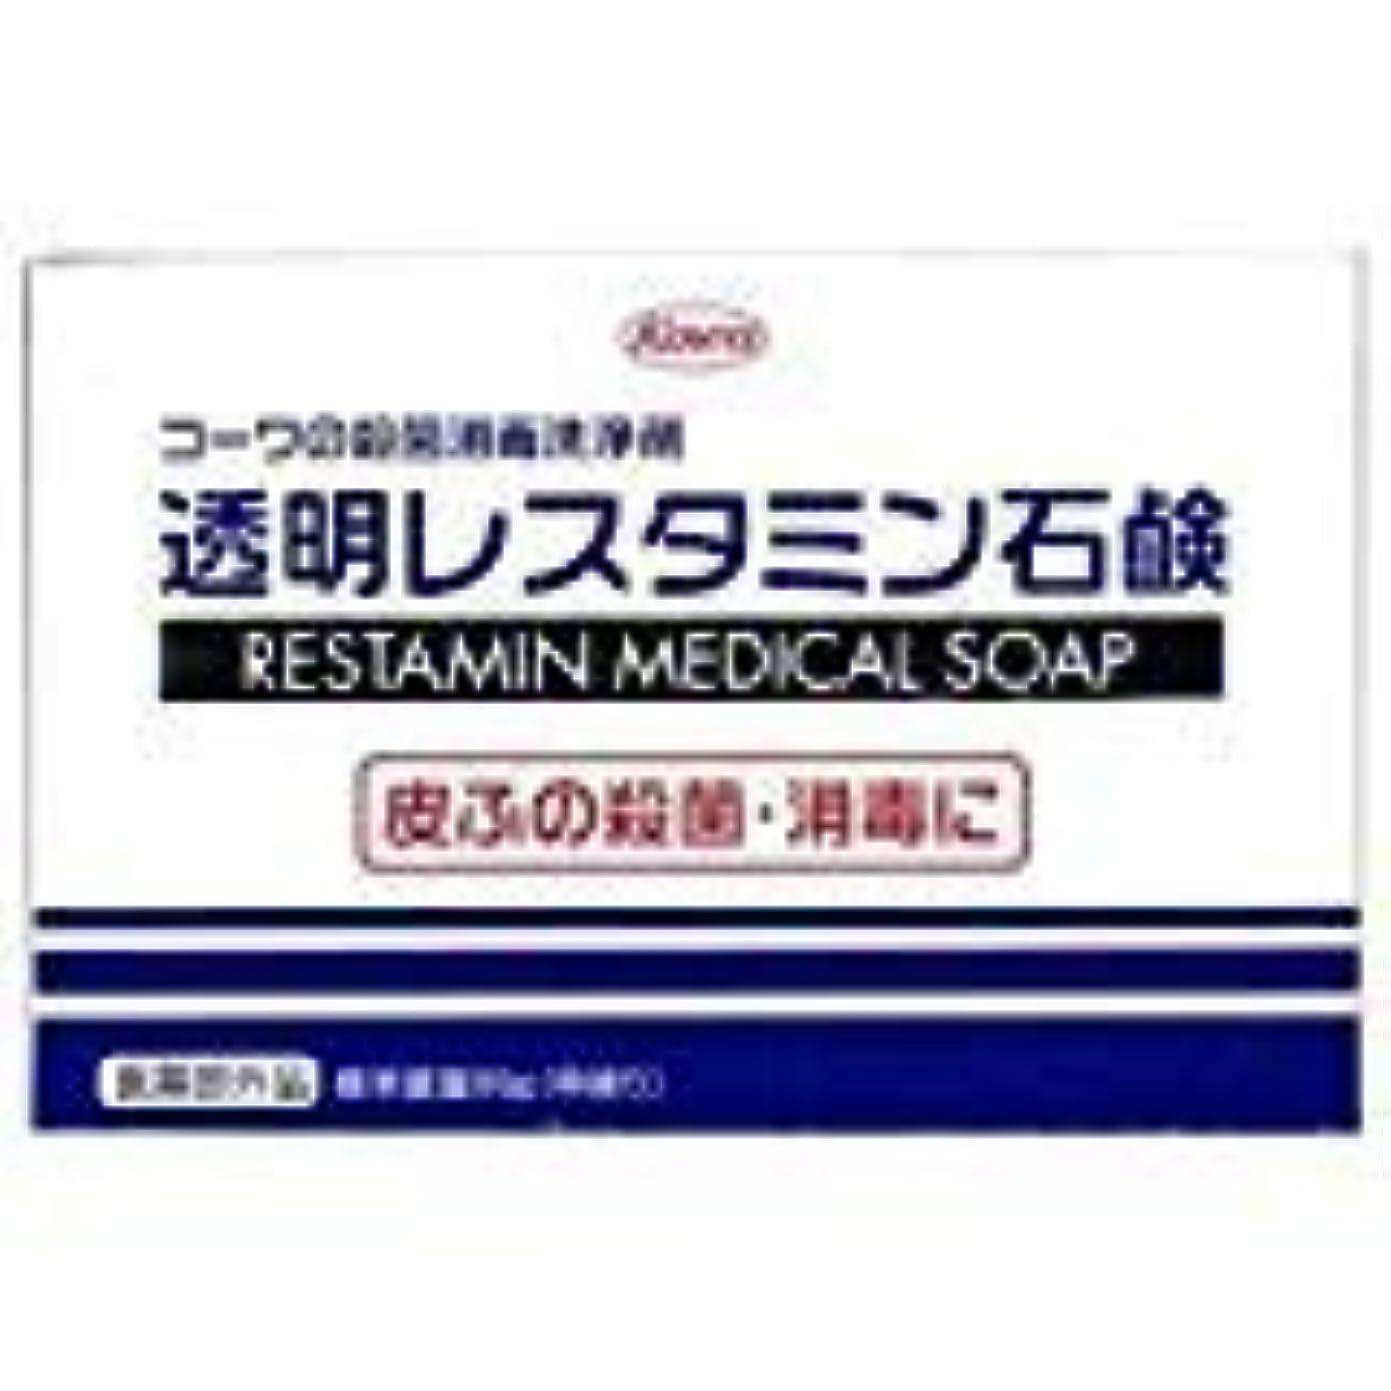 悪化する朝ごはん大きさ【興和】コーワの殺菌消毒洗浄剤「透明レスタミン石鹸」80g(医薬部外品) ×20個セット